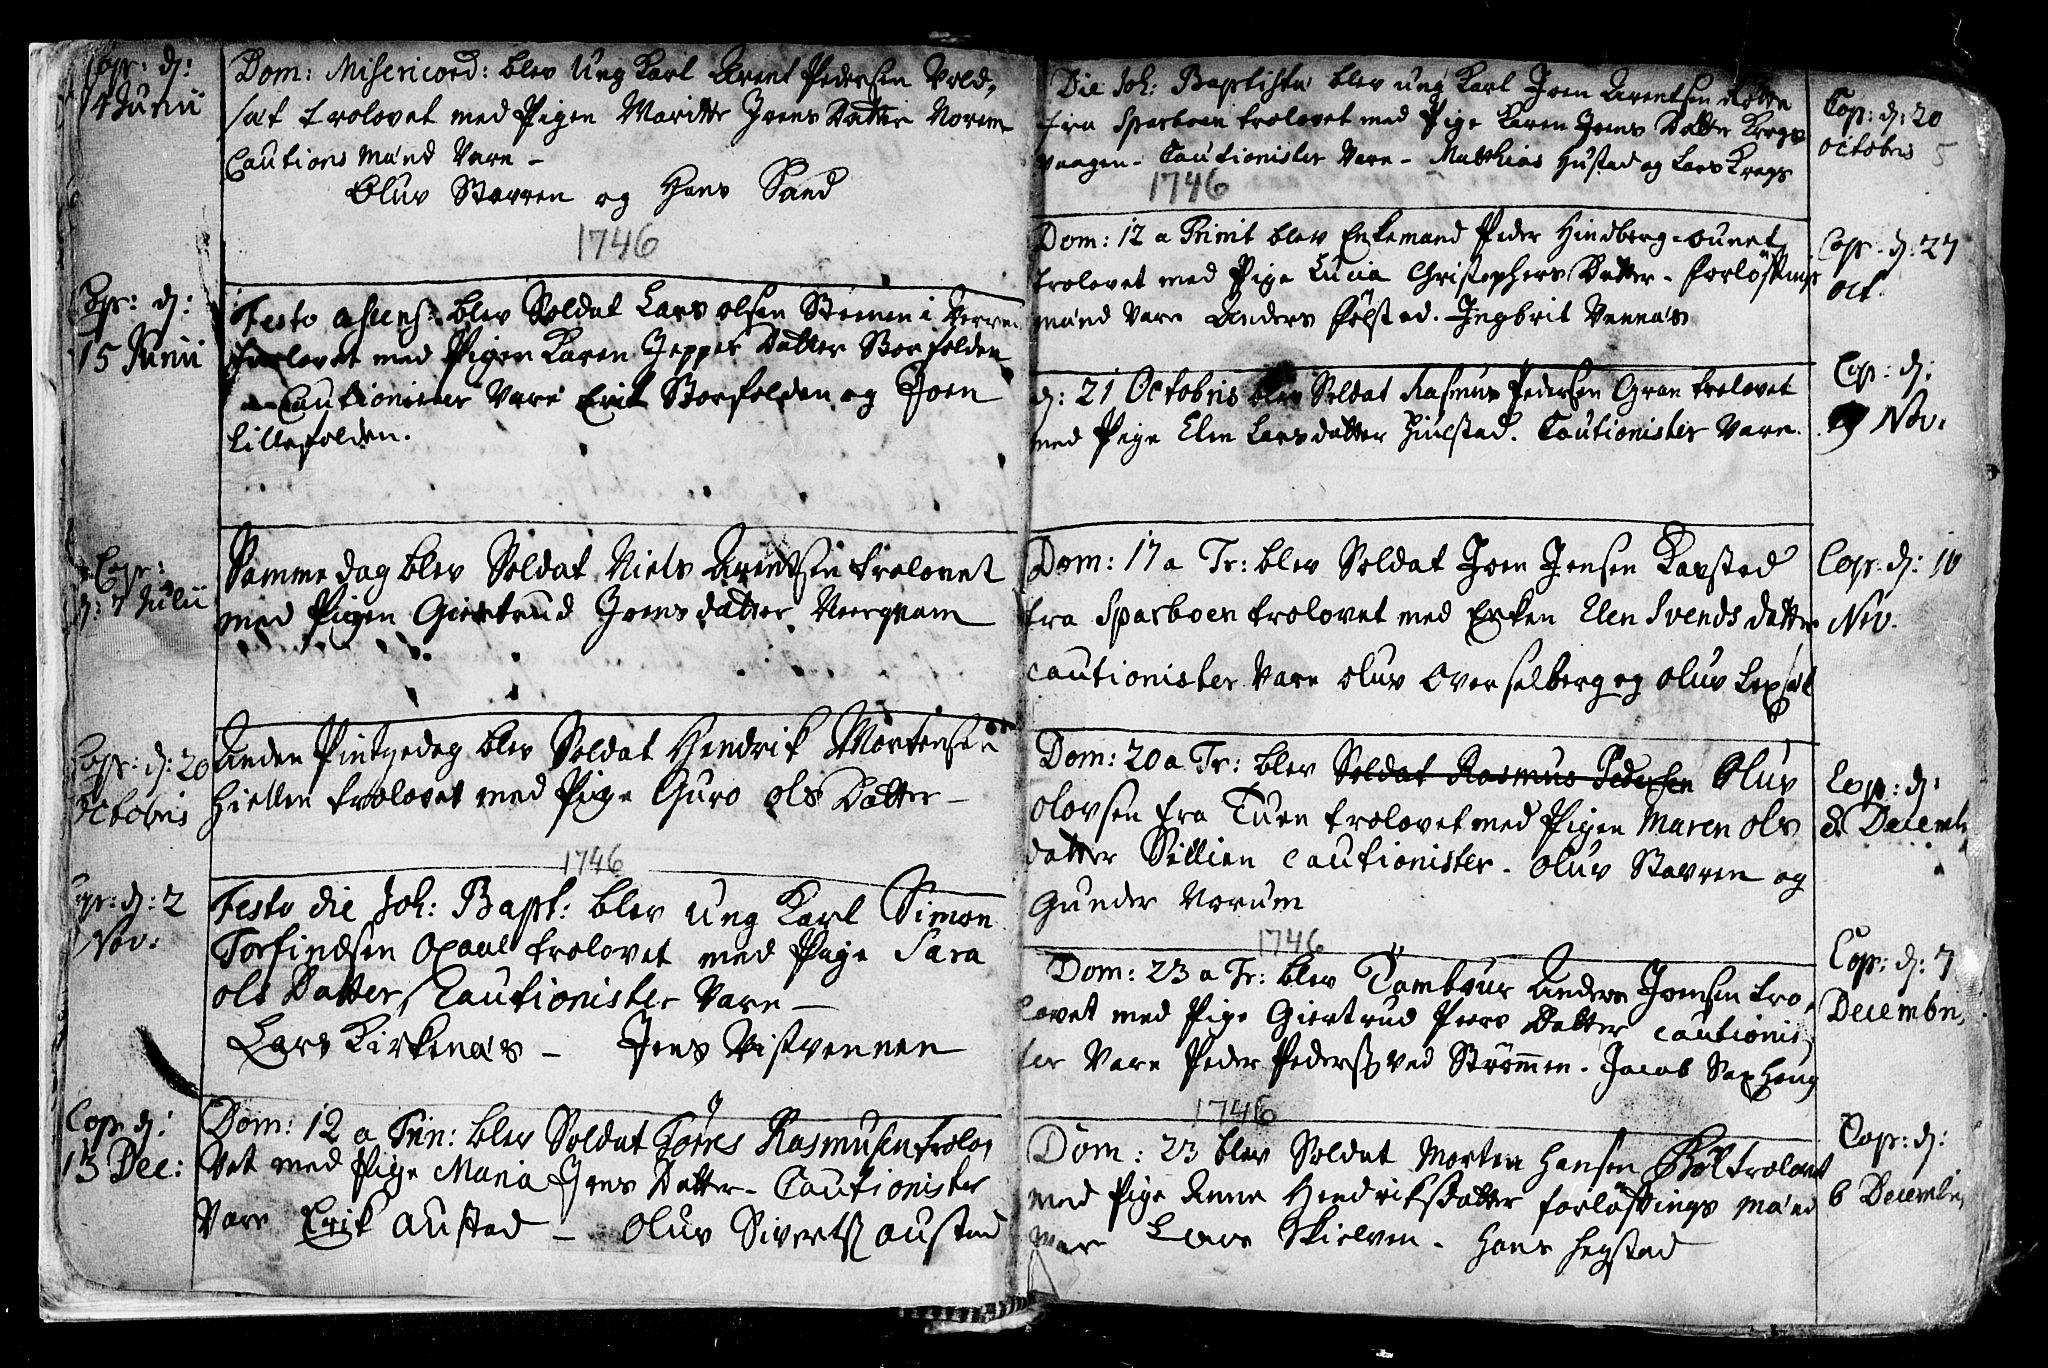 SAT, Ministerialprotokoller, klokkerbøker og fødselsregistre - Nord-Trøndelag, 730/L0272: Ministerialbok nr. 730A01, 1733-1764, s. 5